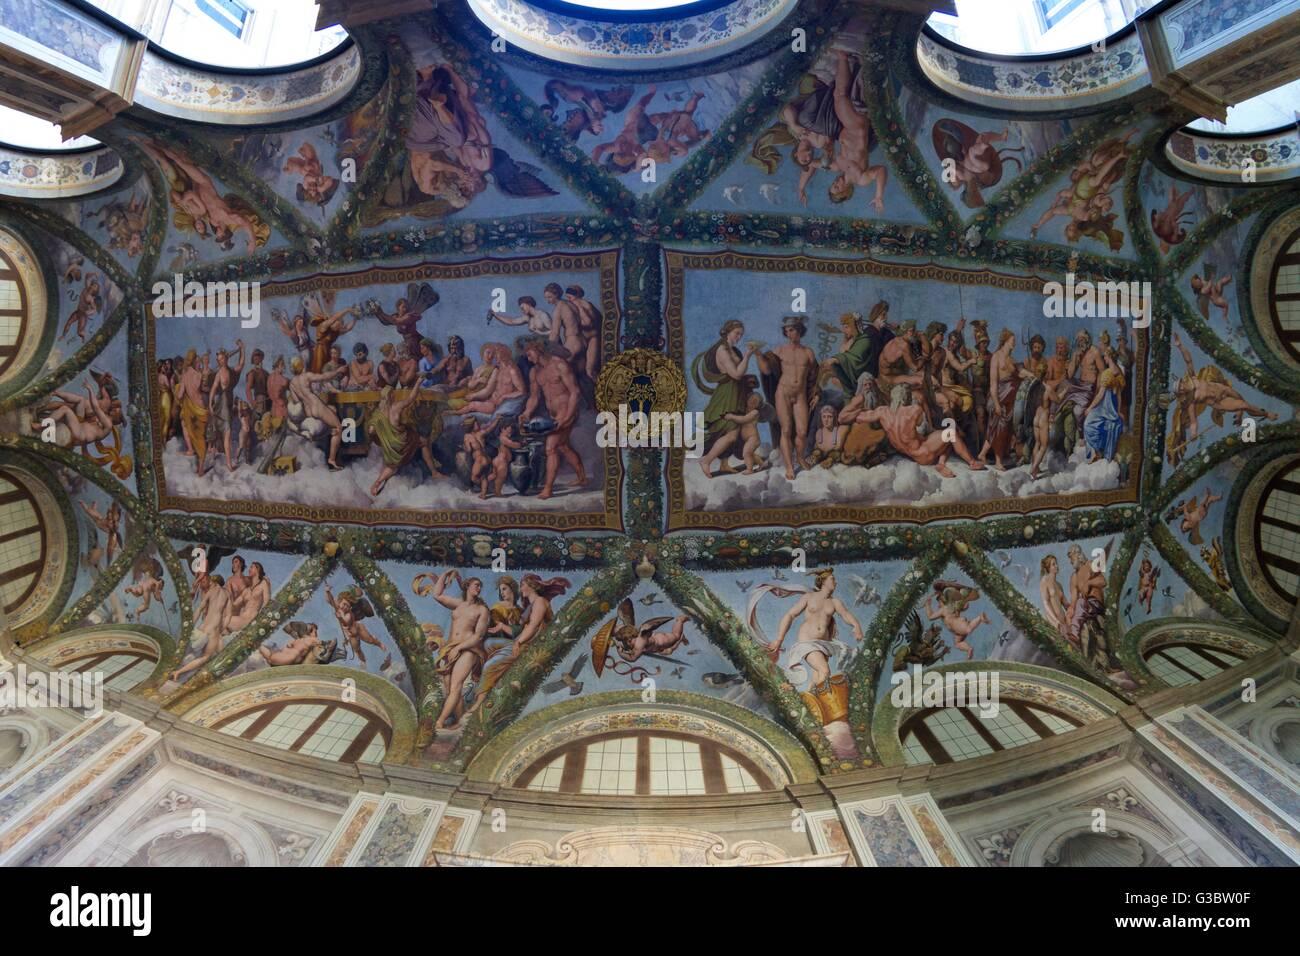 Affreschi sul soffitto, 1517-1518, loggia di Amore e Psiche, Villa Farnesina, Roma, Italia, Europa Immagini Stock